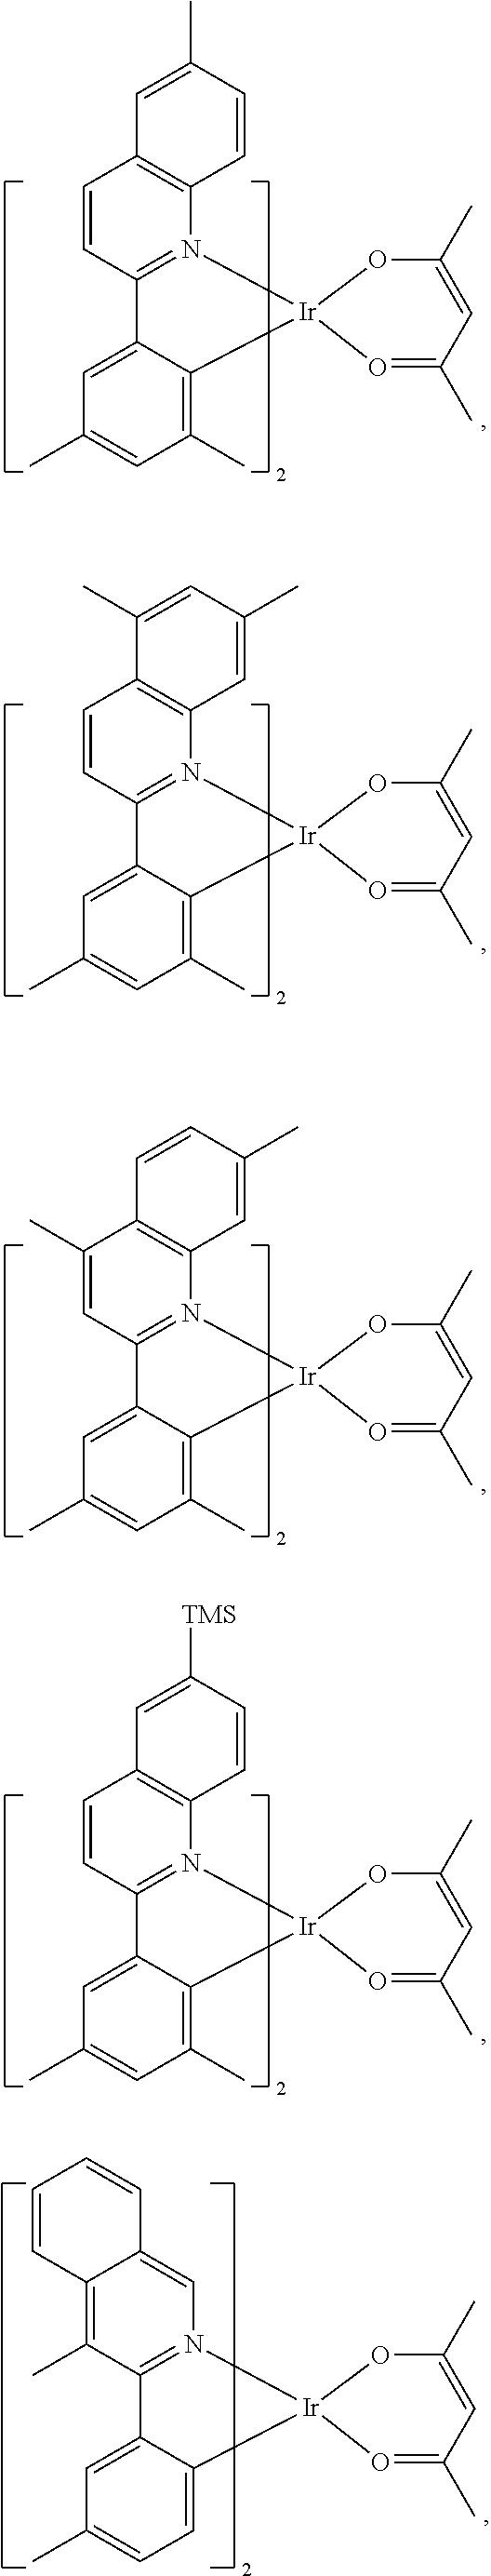 Figure US20190161504A1-20190530-C00079